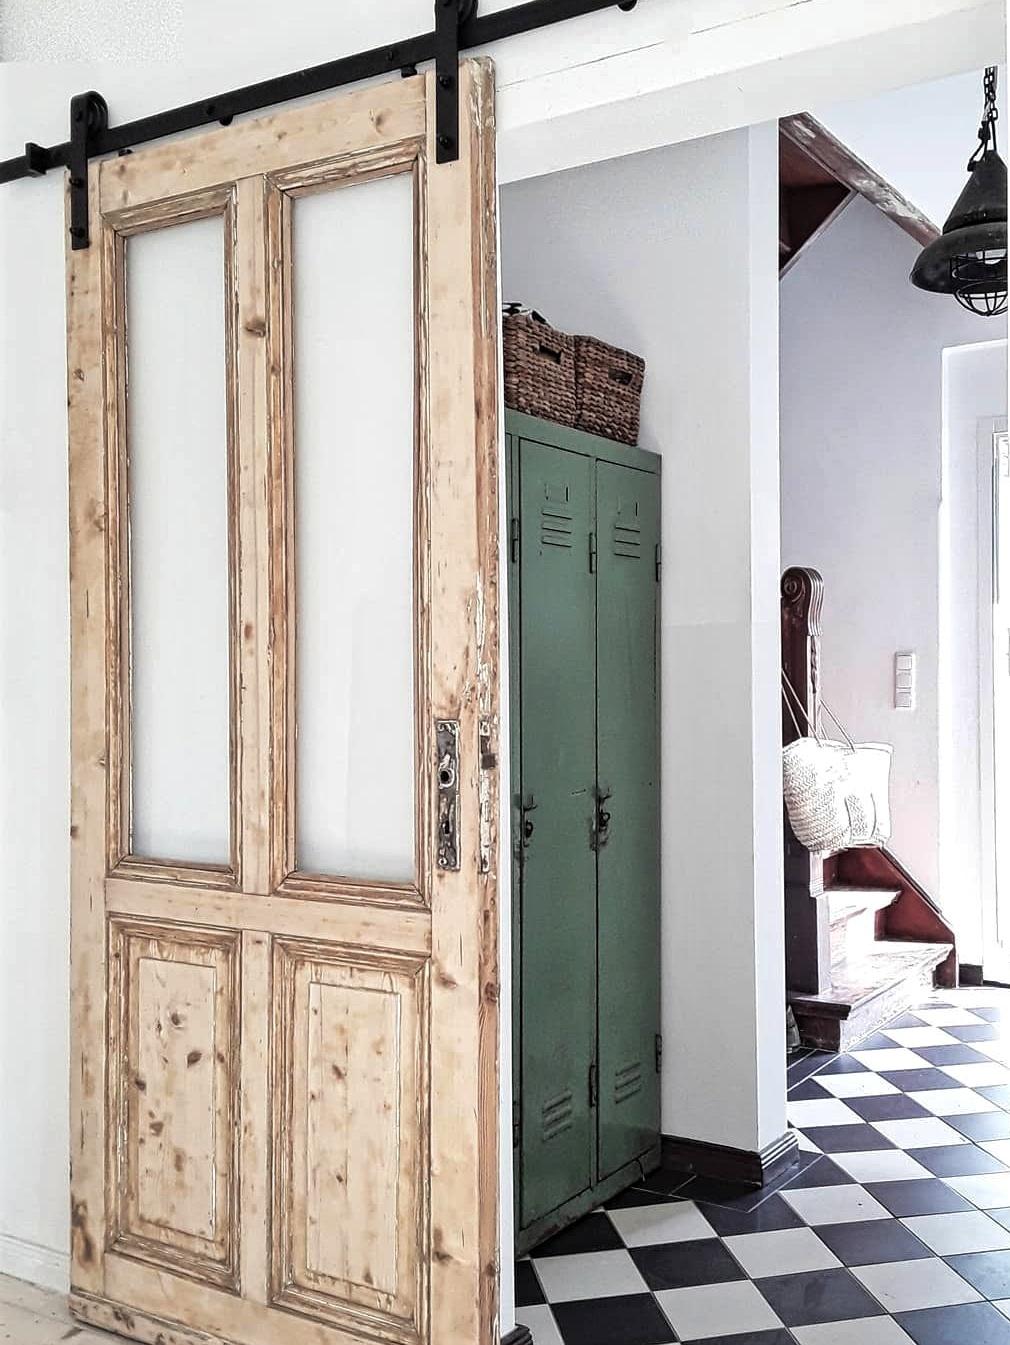 Schiebetür aus Holz - Überrachte Terrasse - Homestory: Bei Nathalie sieht es aus wie im Urlaub